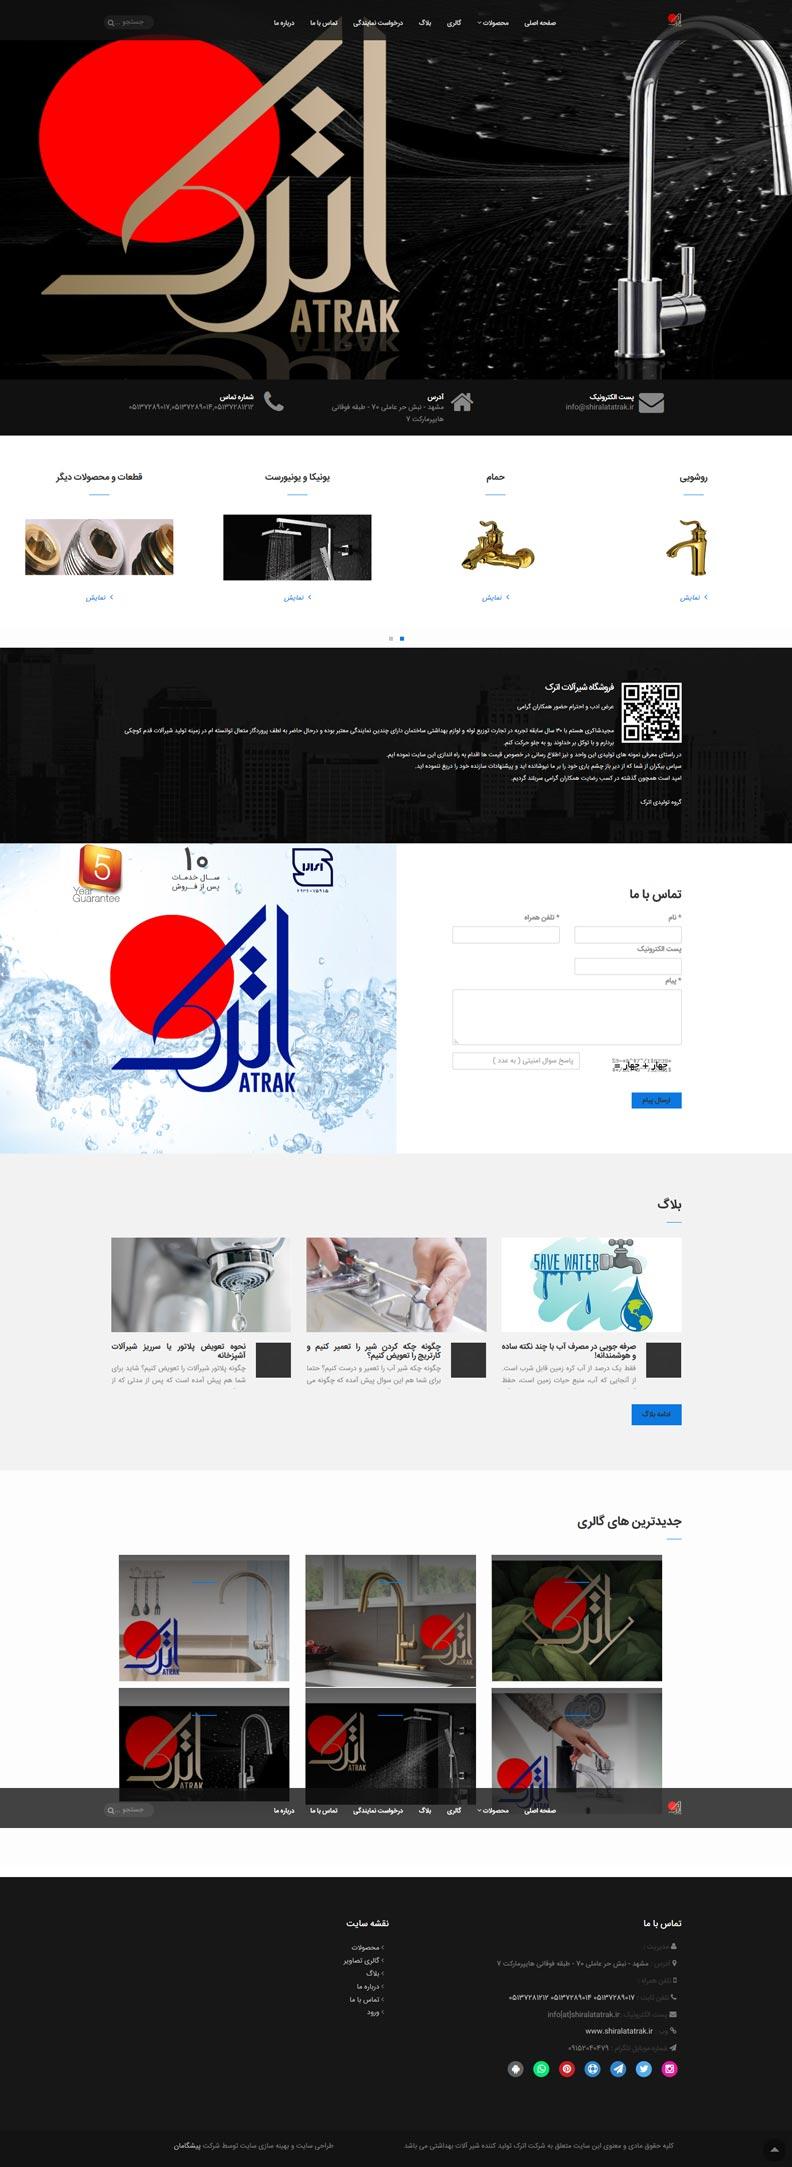 طراحی سایت شیر آلات اترک